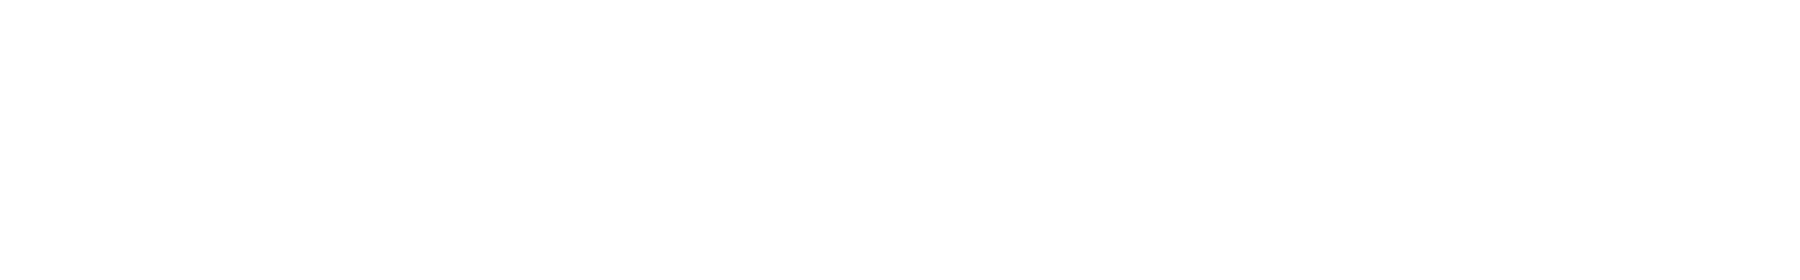 vedh bass cut 097 f